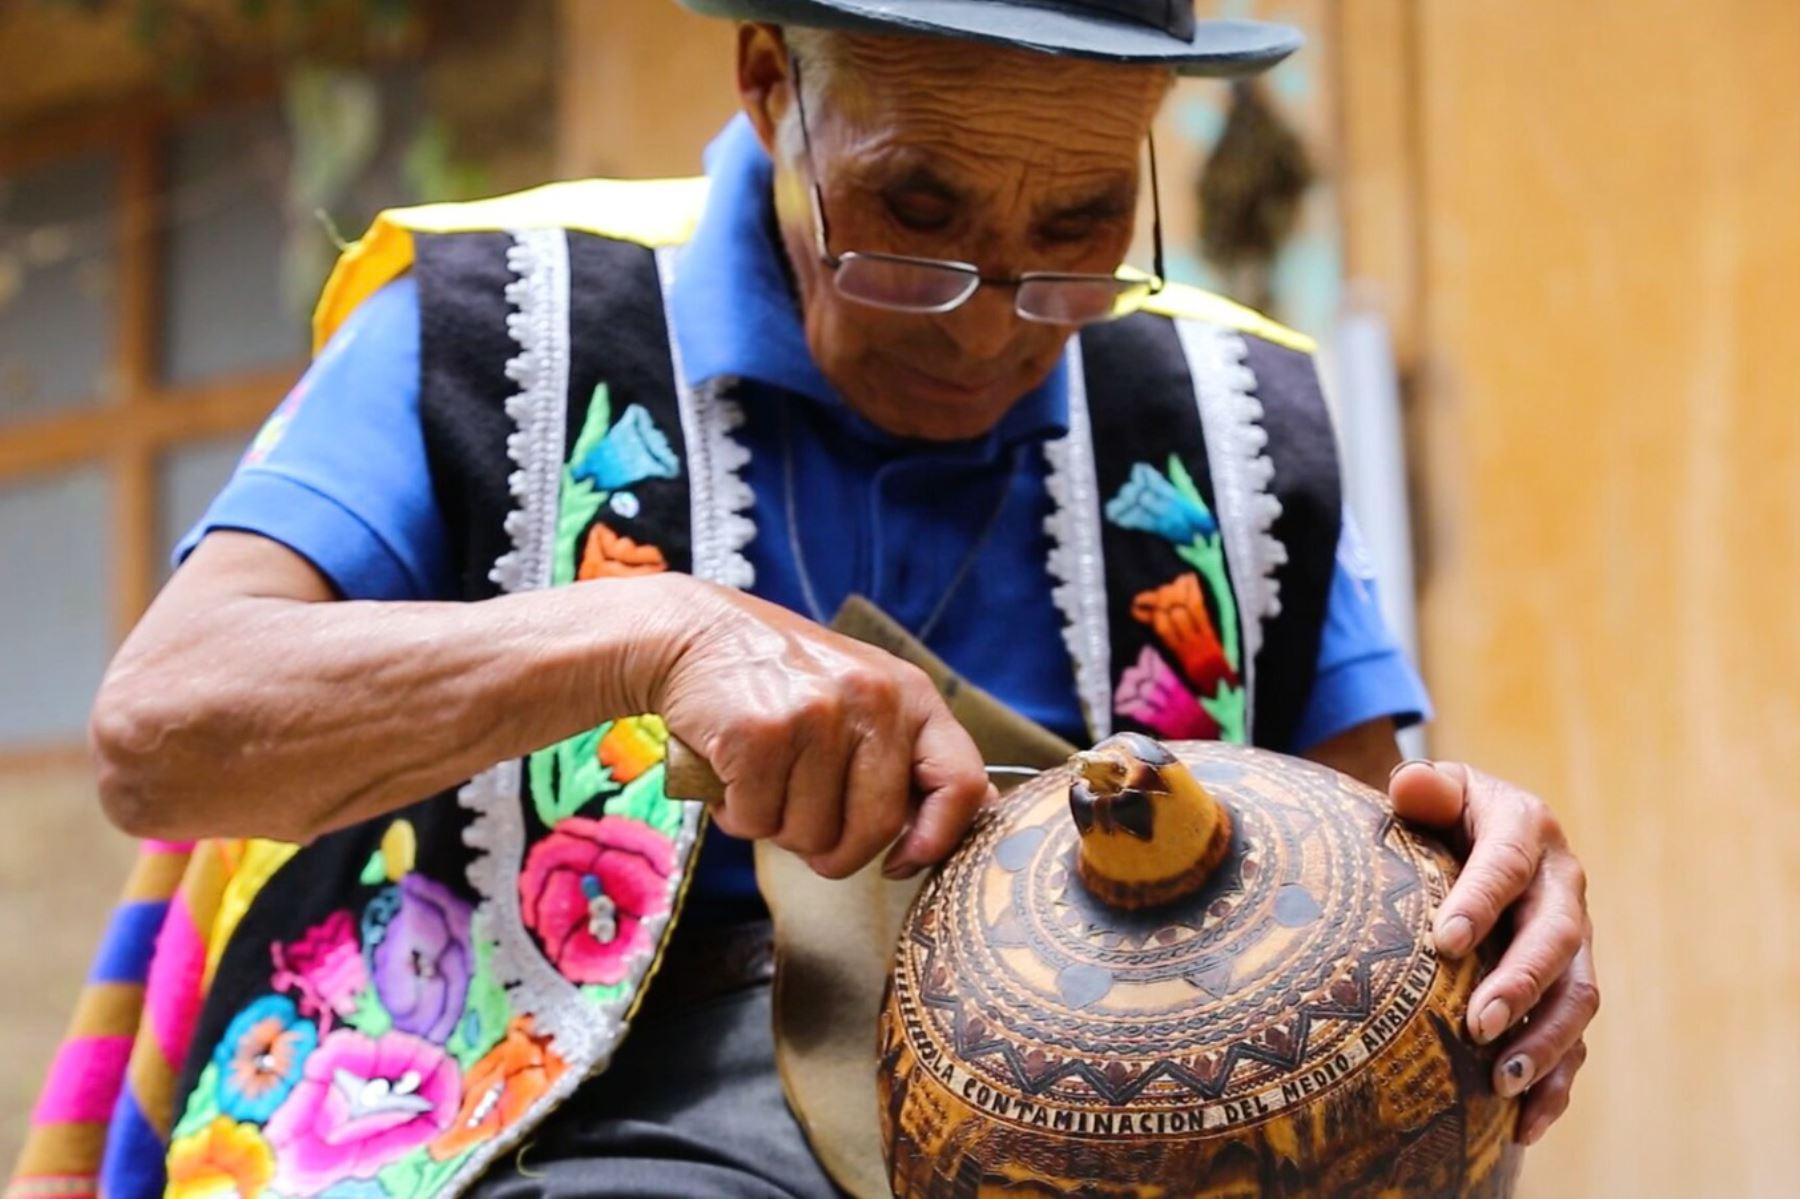 La feria De nuestras manos 2019 es organizada por el Mincetur y reunirá a los más destacados artesanos de todas las regiones del país.